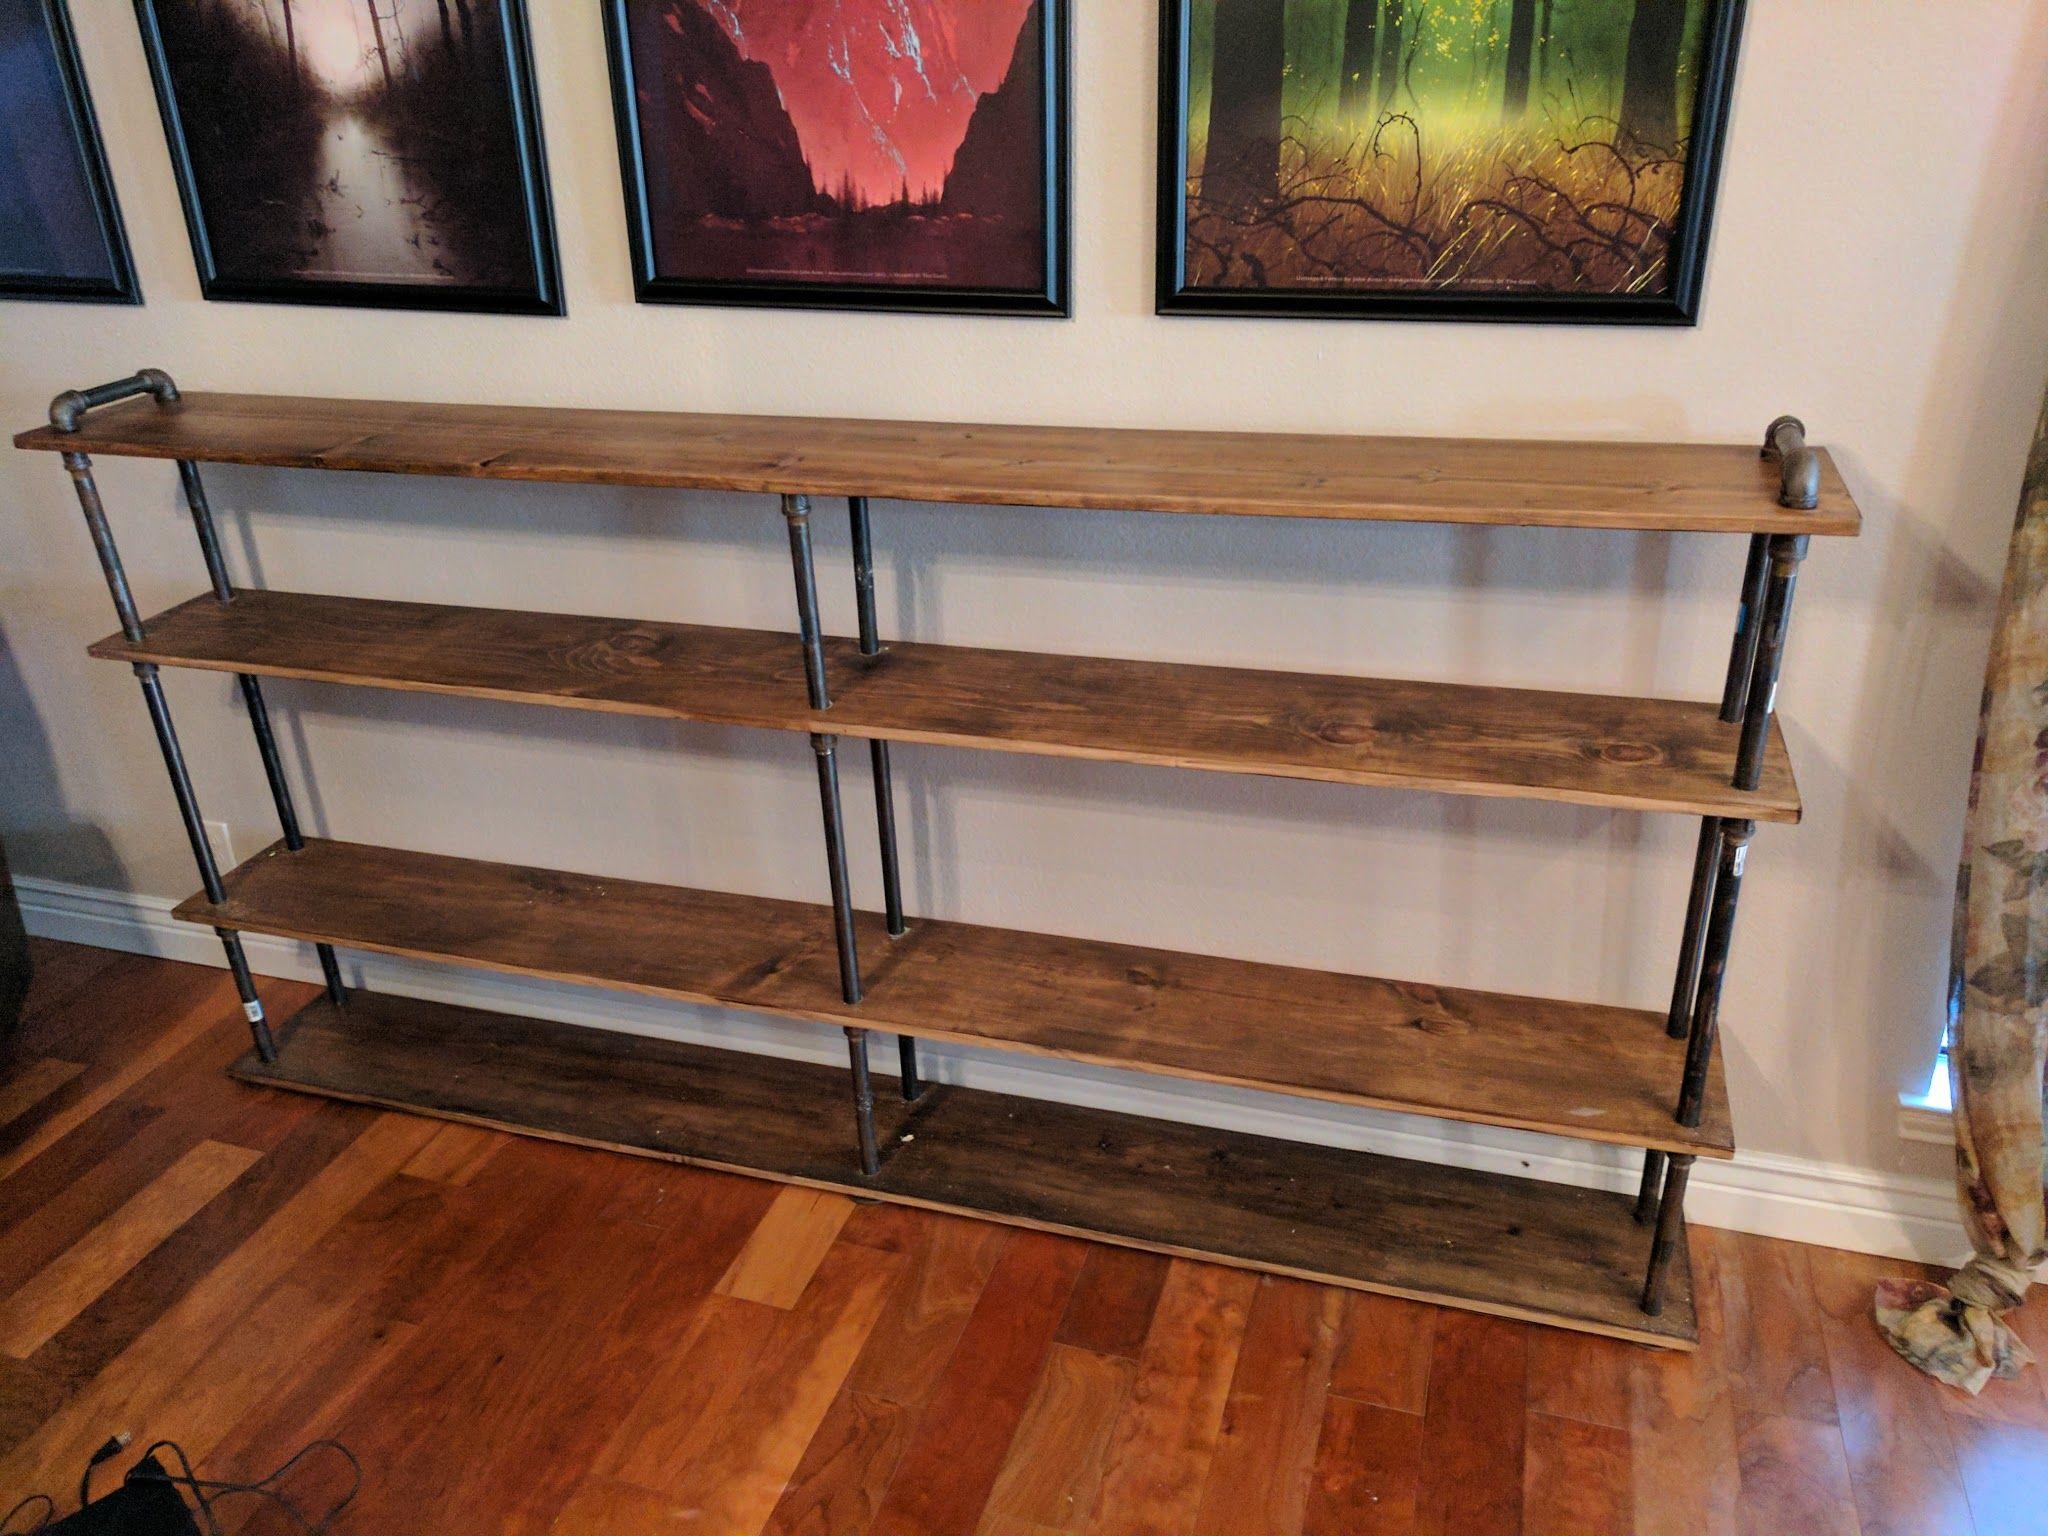 Iron/Wood Game Shelf http//ift.tt/2uPDa1O Shelves, Wood